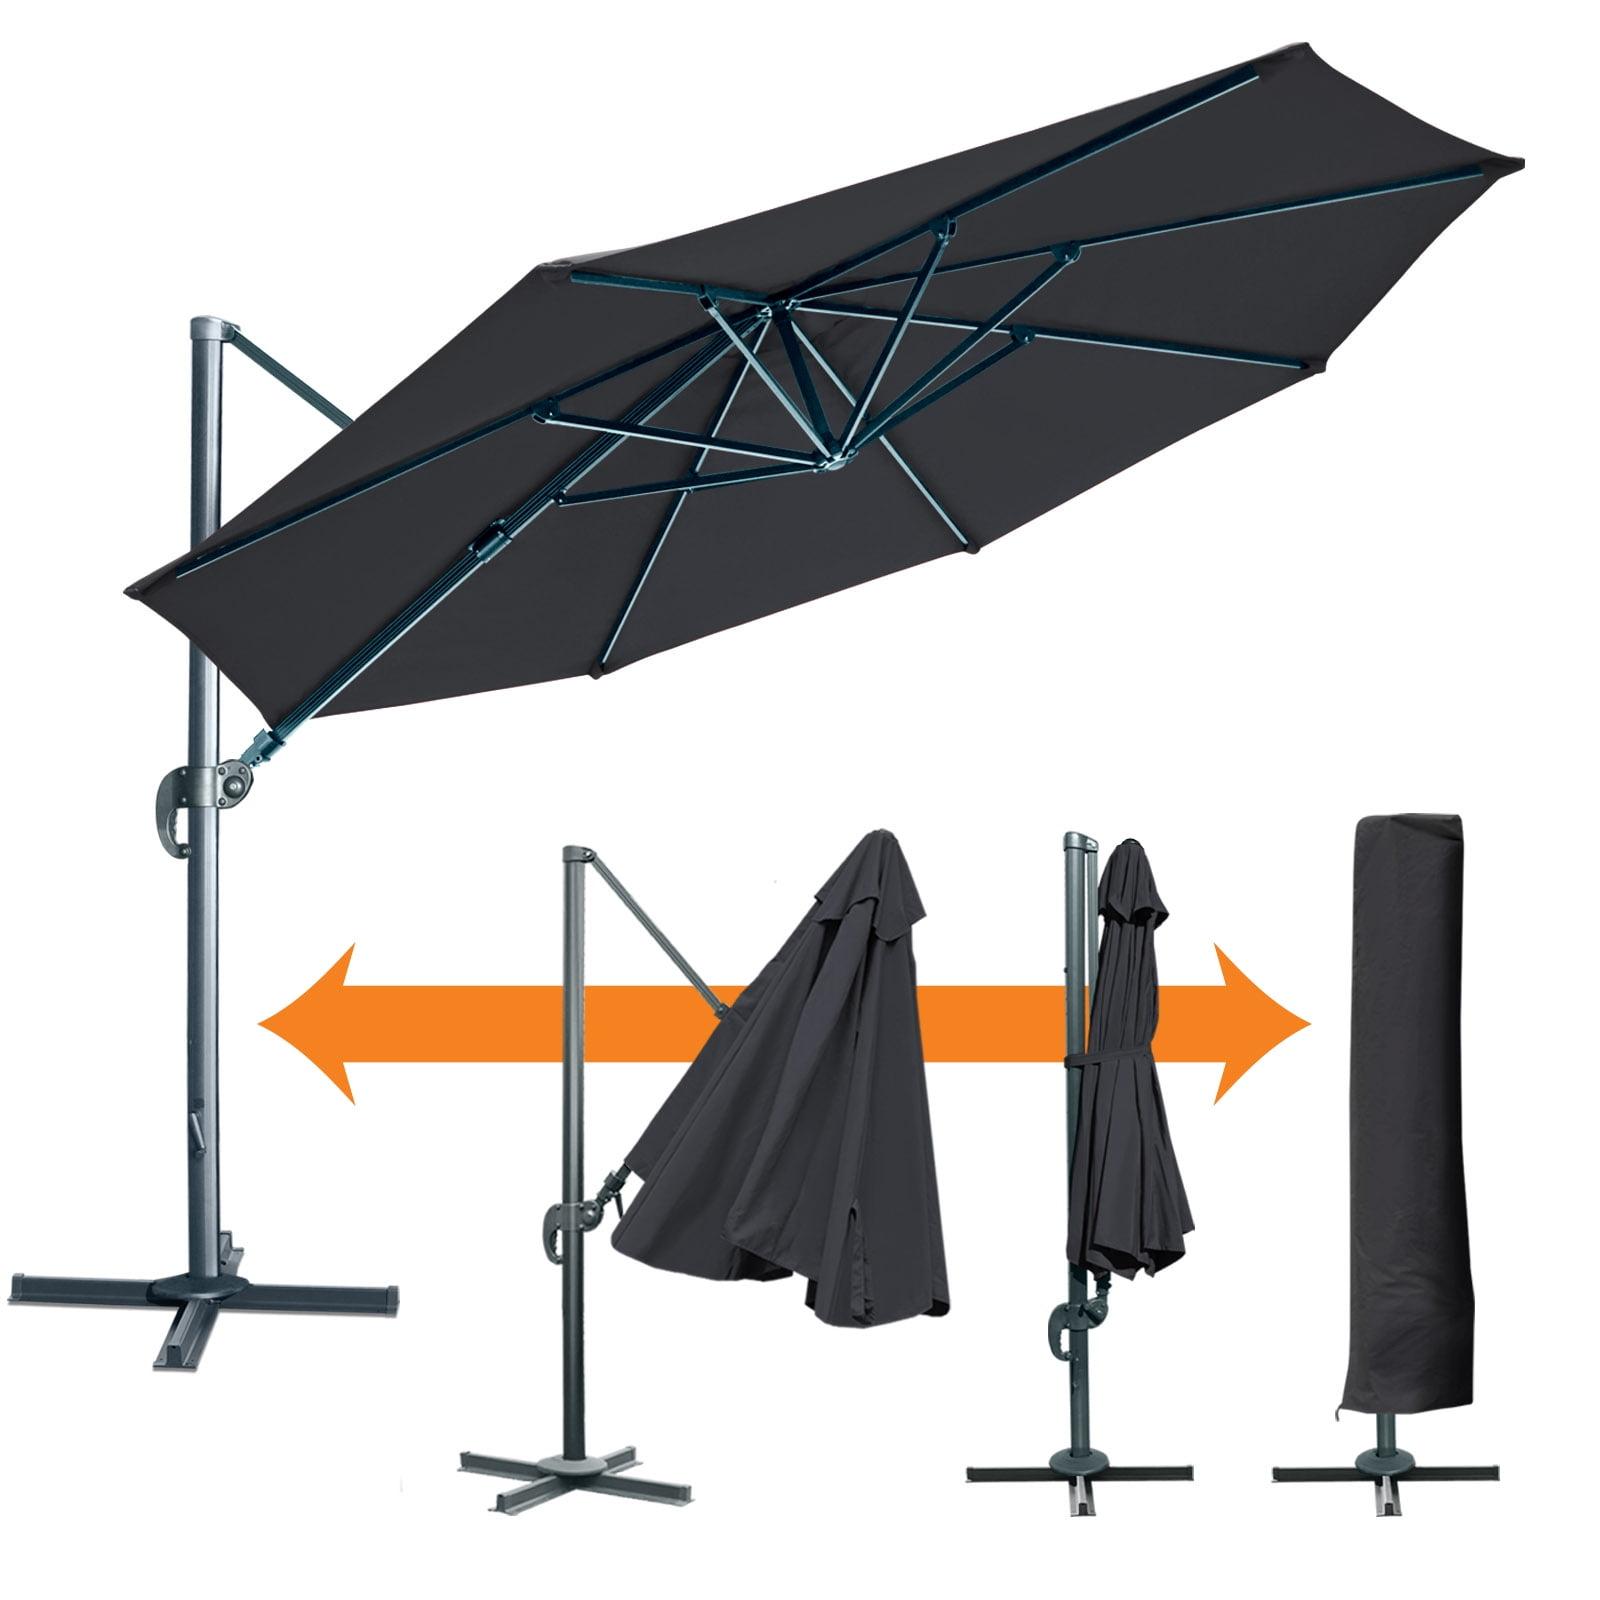 Uv Patio Umbrella: Sunrise 11.5ft Outdoor Patio Cantilever Umbrella, UV 50